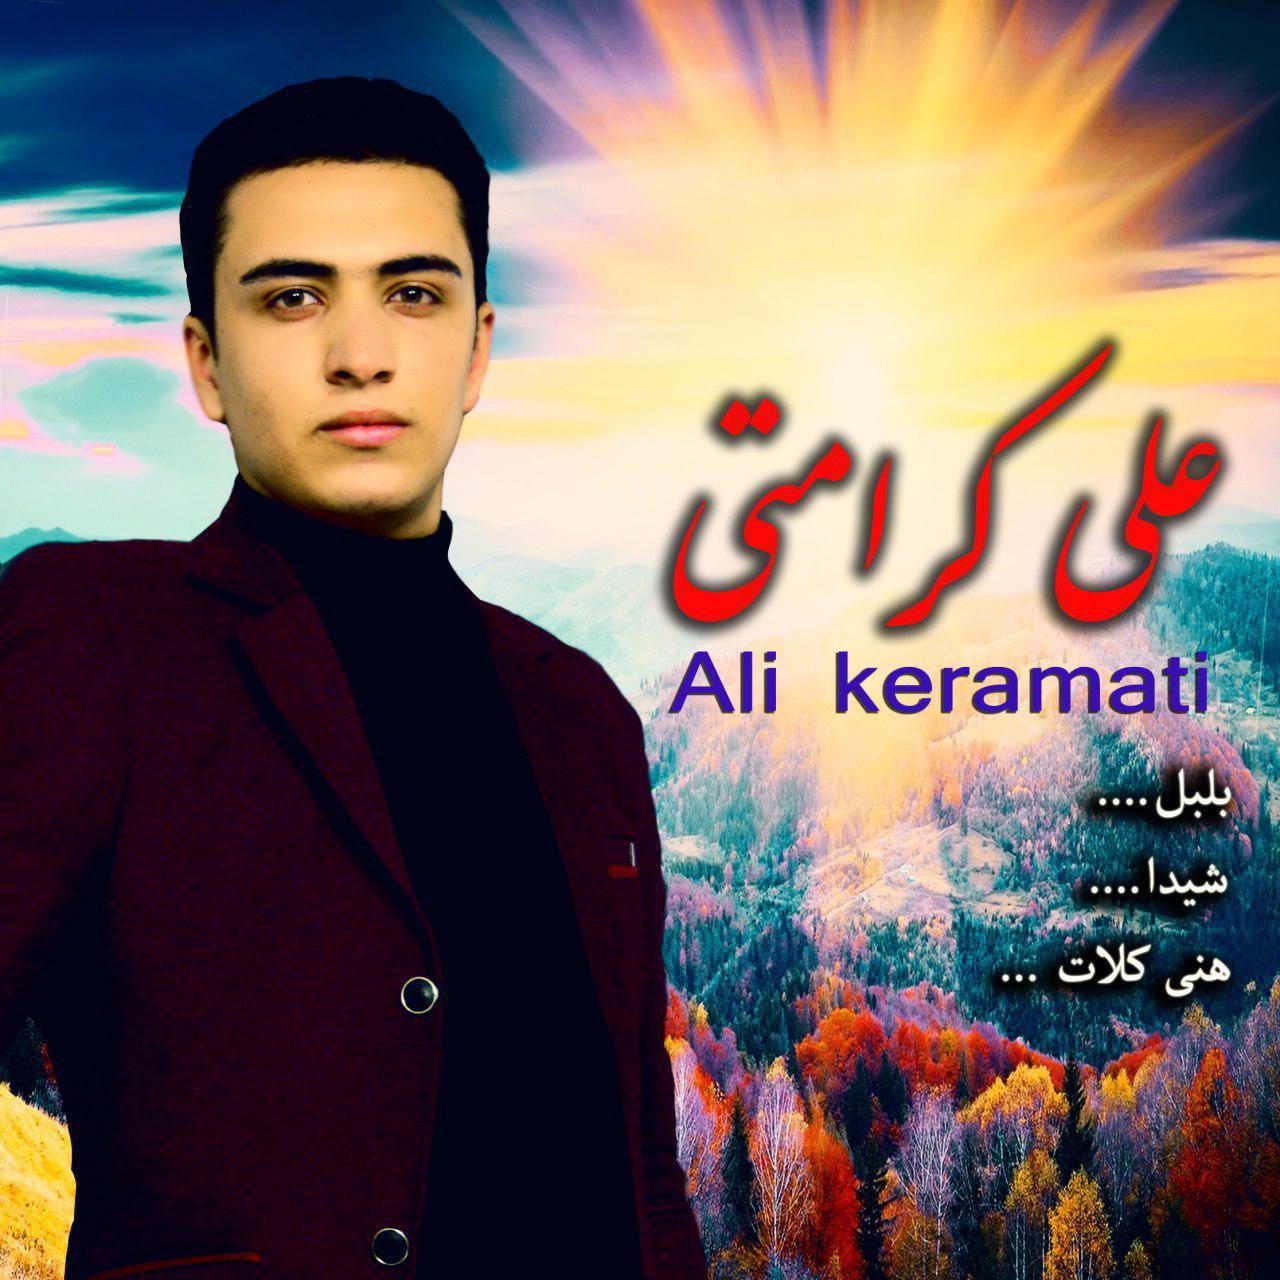 اجرای بسیارزیبای سه آهنگ بسیارزیبا و خاطره انگیز از  علی کرامتی